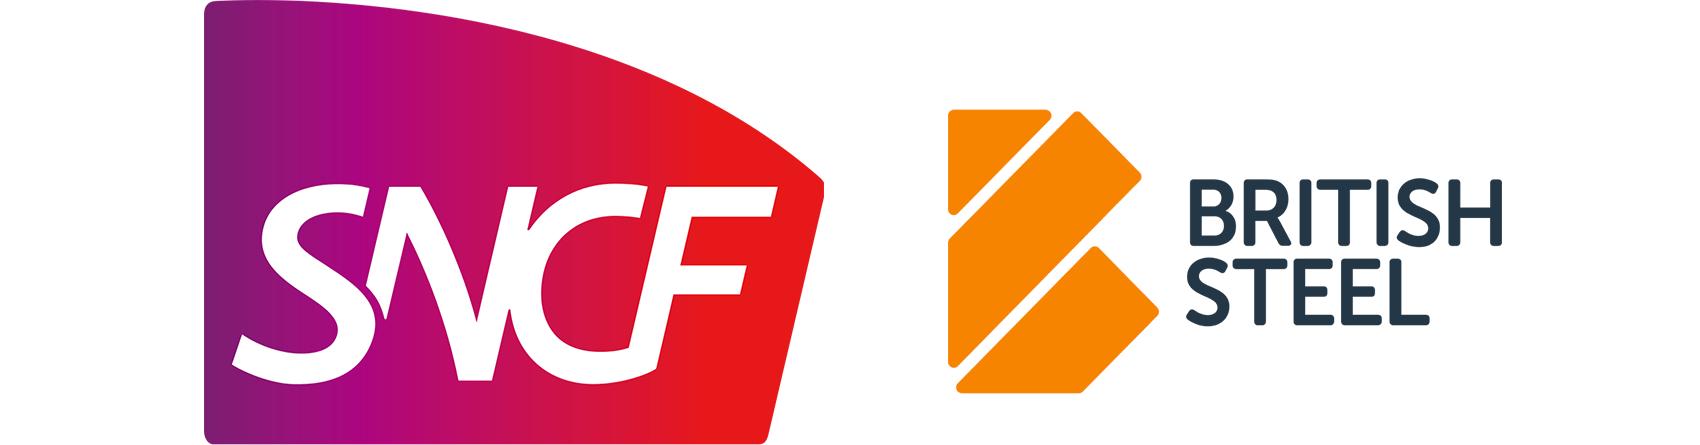 Ascoval British Steel et SNCF